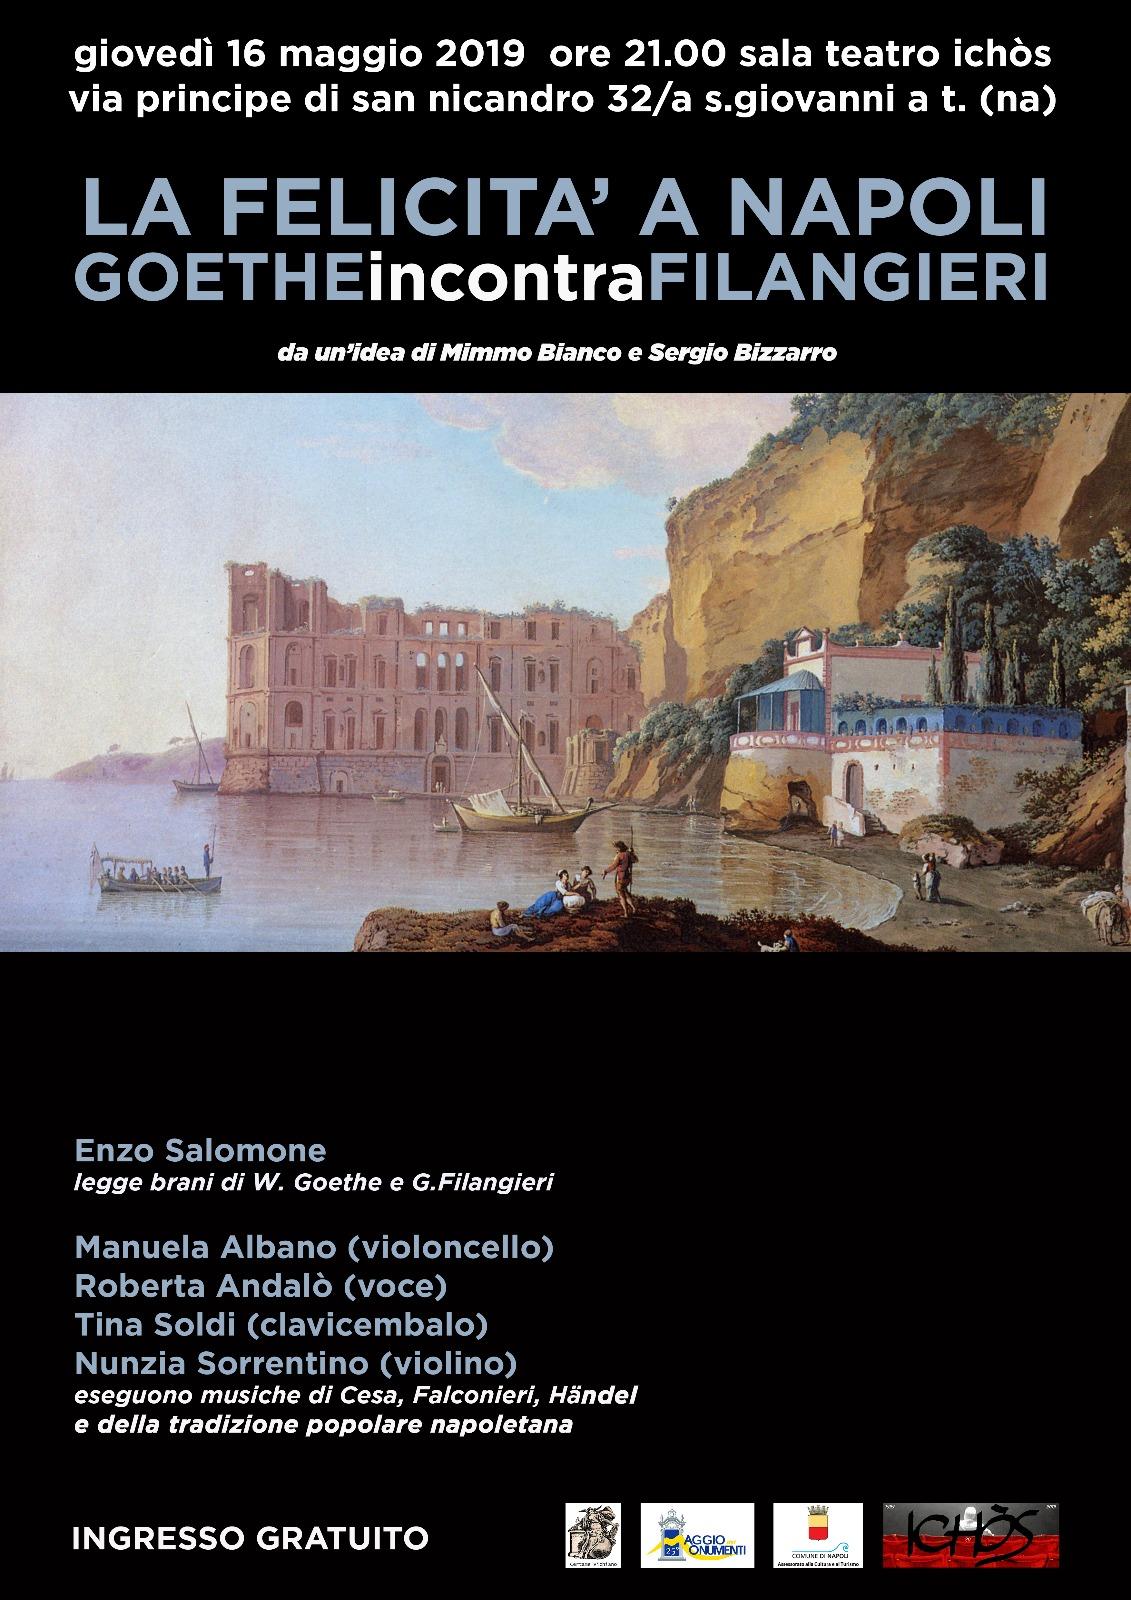 Goethe incontra Filangieri, una serata speciale per il Maggio dei Monumenti 2019